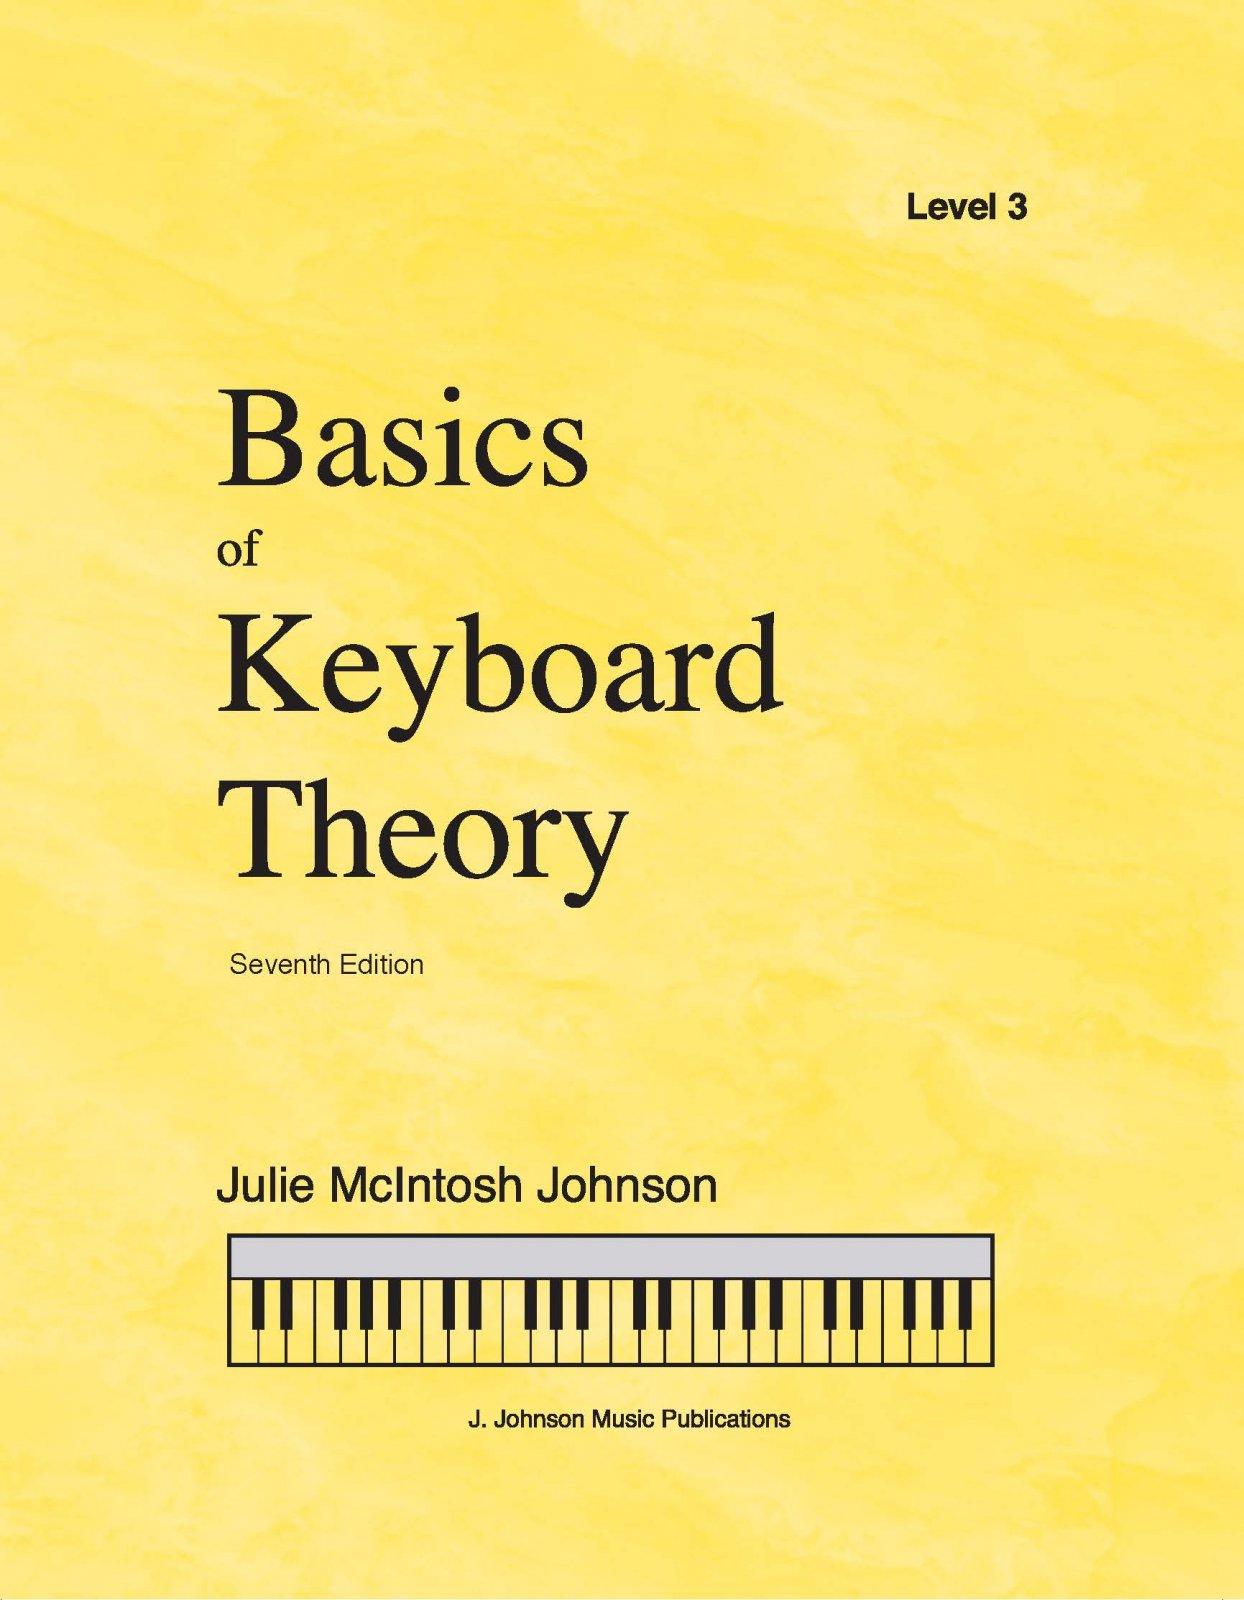 Basics Of Keyboard Theory Level 3 Julie Johnson